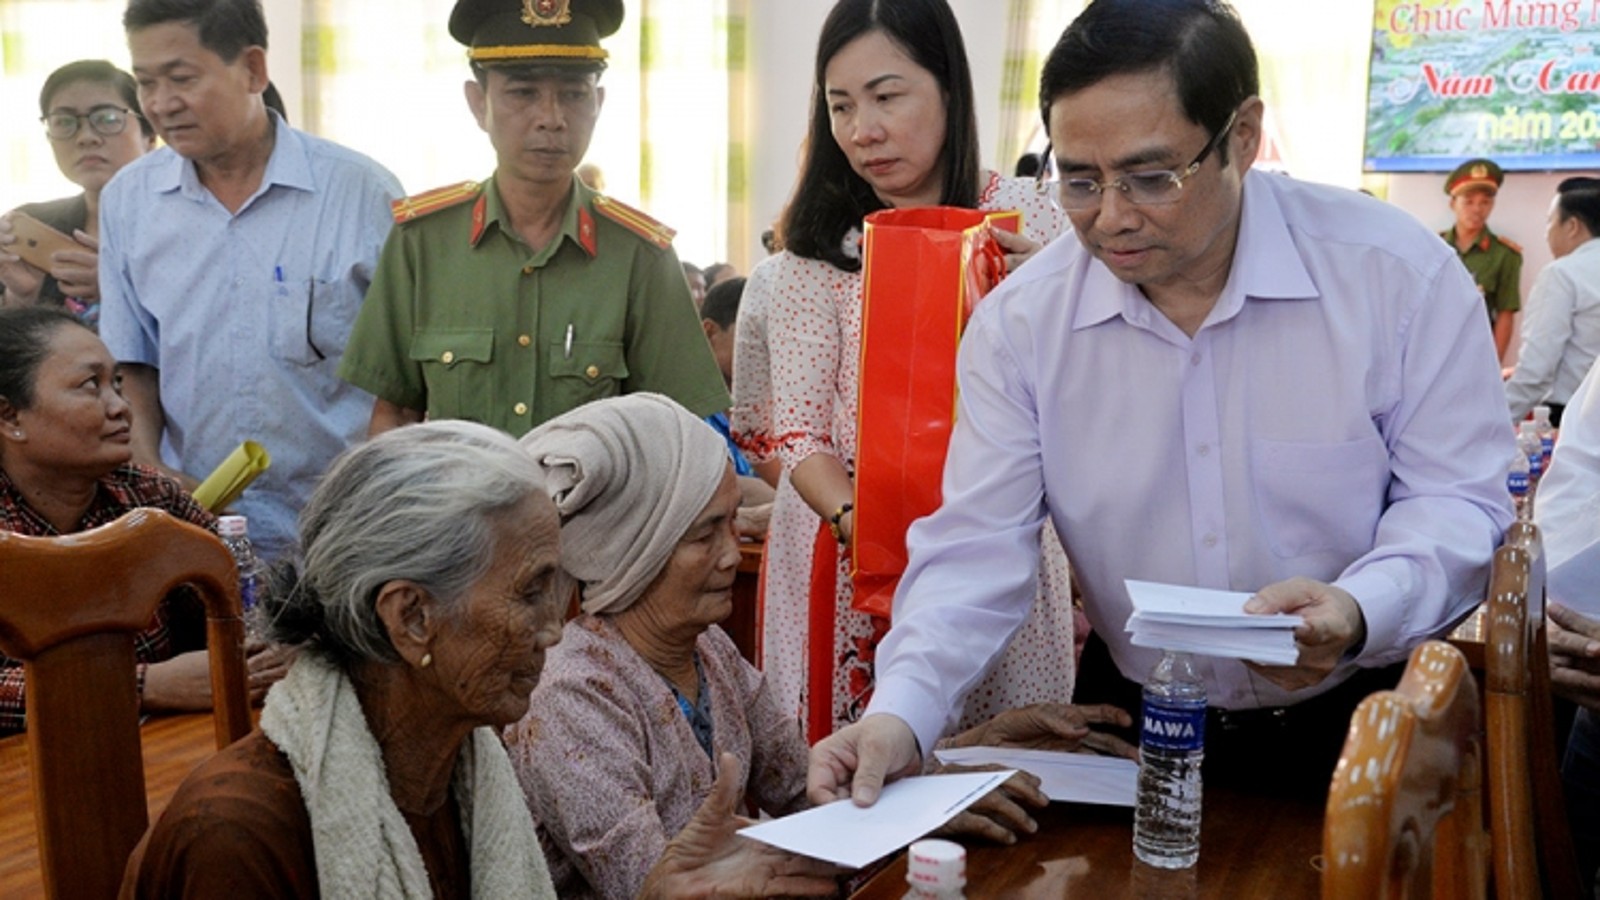 Tân Thủ tướng có bề dày kinh nghiệm, được thử thách qua nhiều vị trí công tác